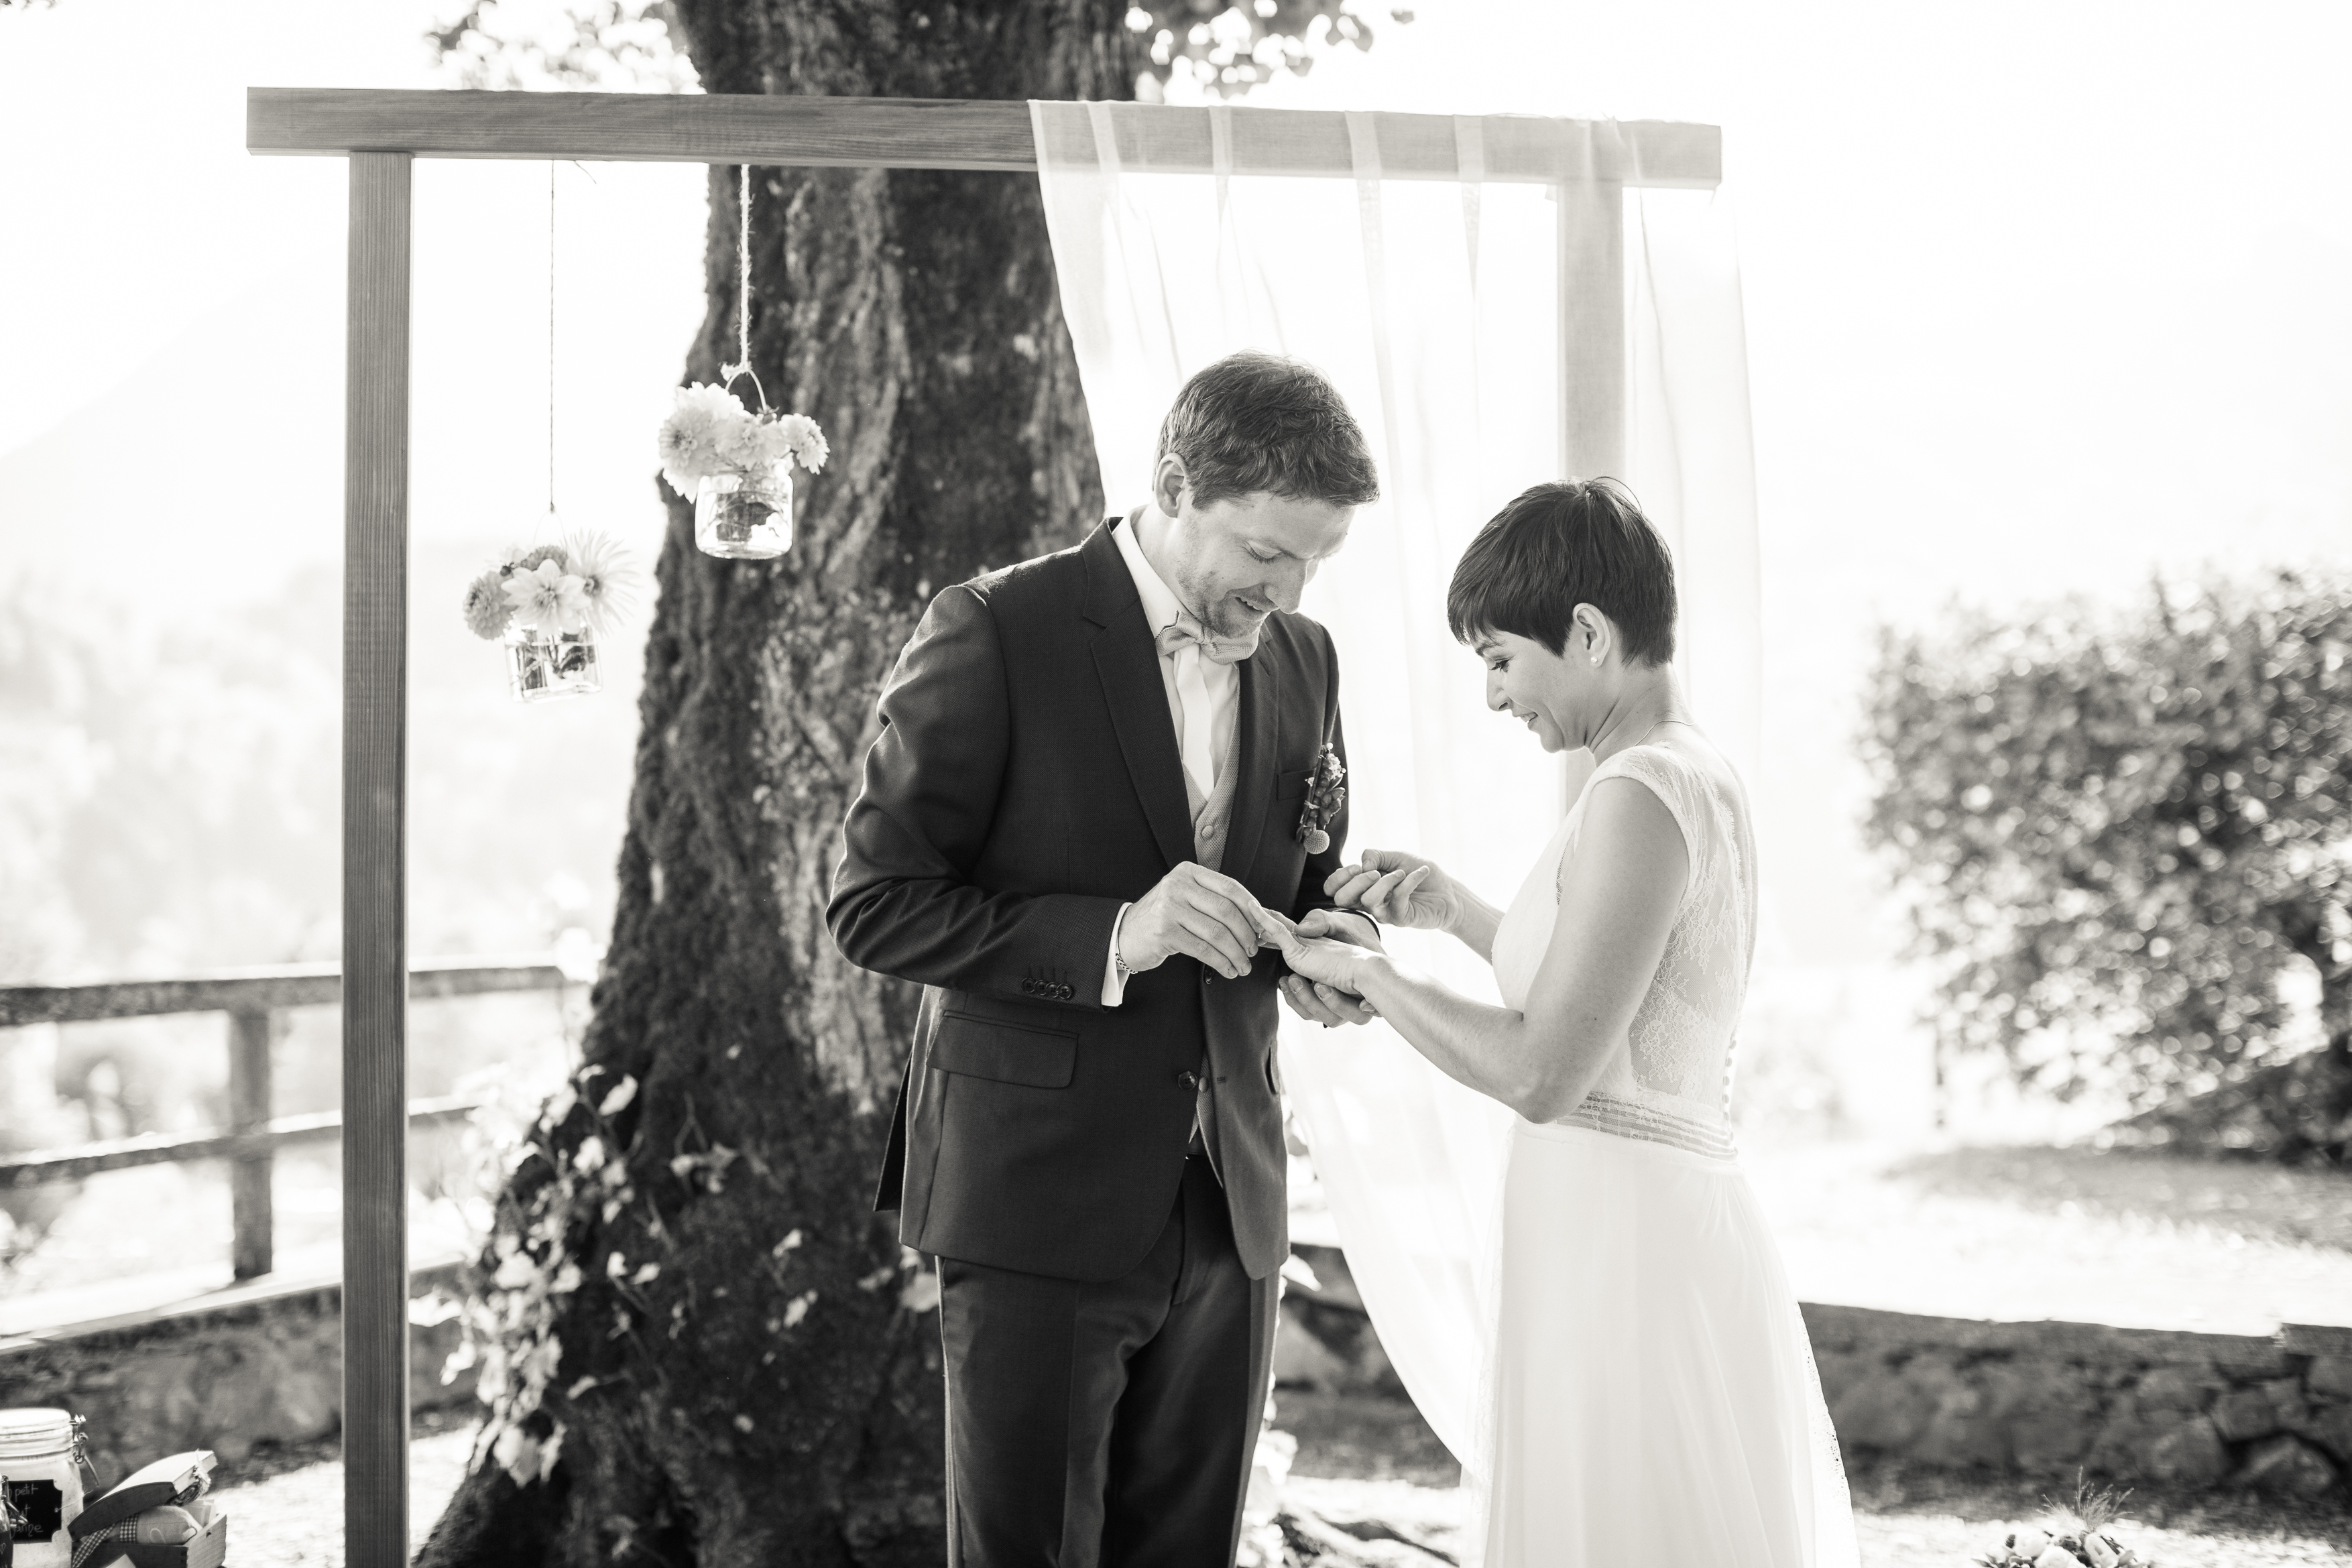 Mariés en gruyère, mariage montagne, mariage nature, mariage gruyère, cérémonie laïque, échange des alliances